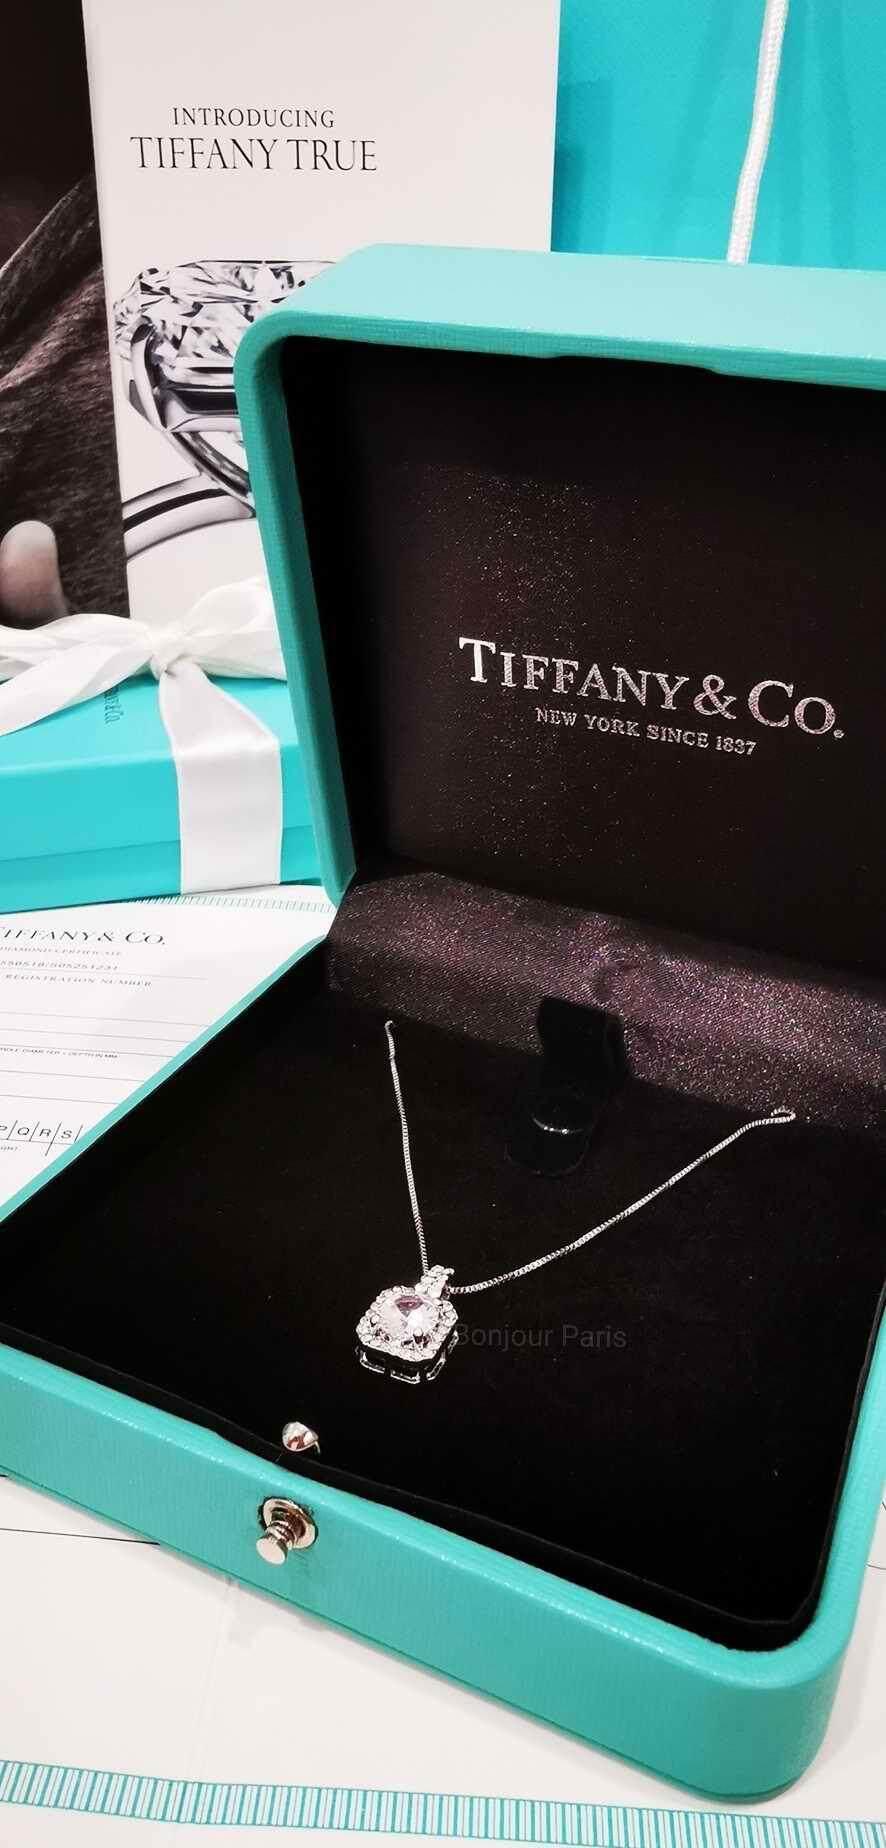 Tiffanyд & Co 3carat Brilliant Cut Diamond Pendant Necklace..